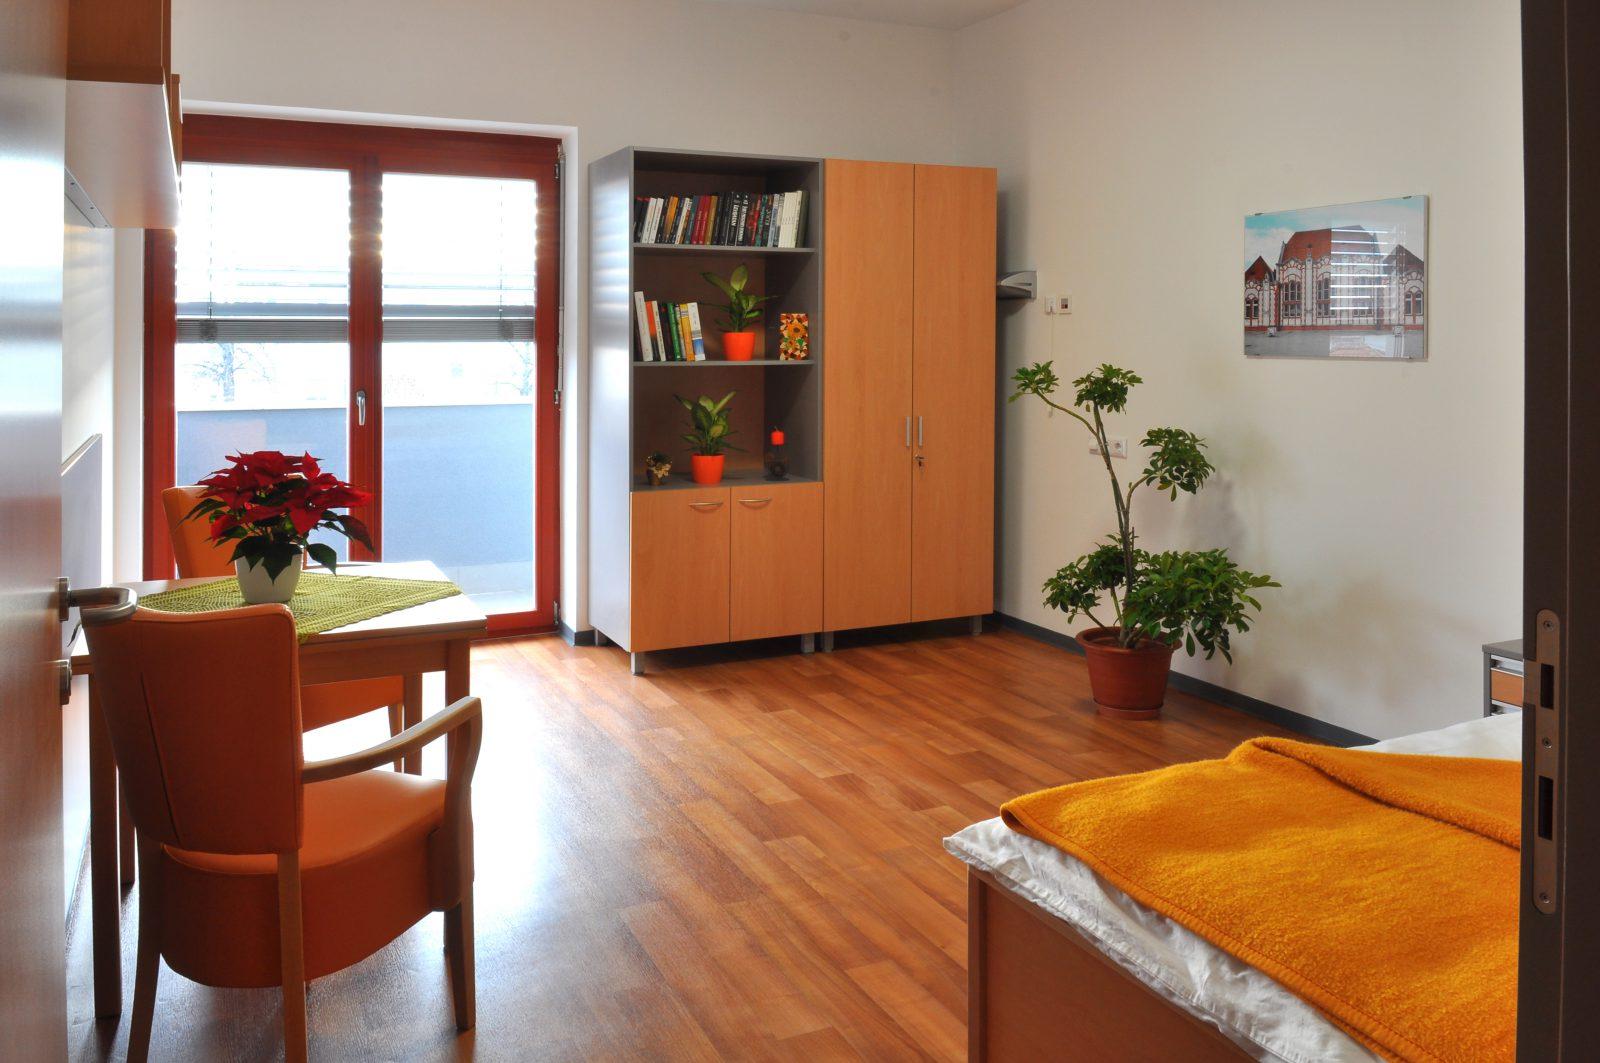 Jednokrevetna soba u domu za starije